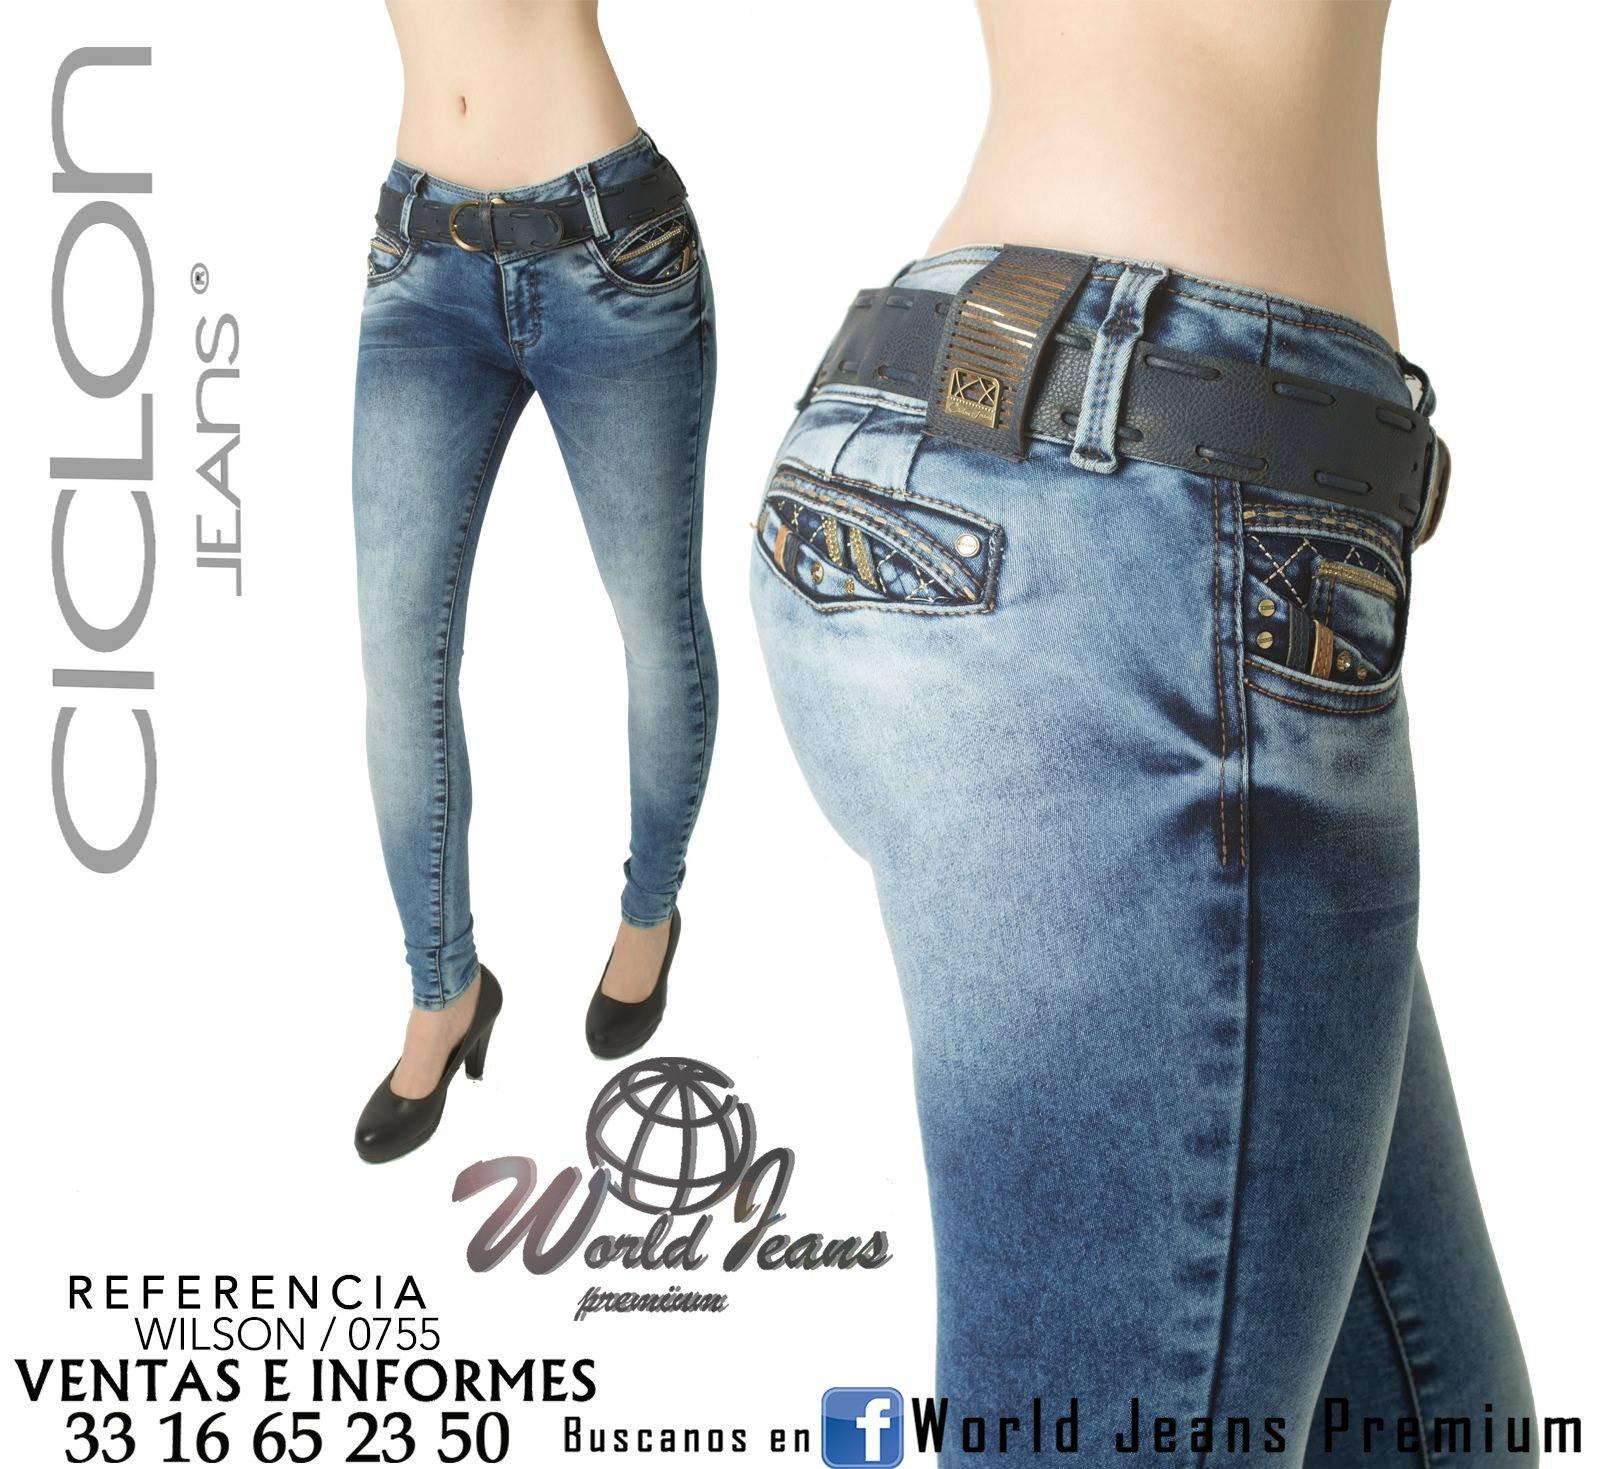 World Jeans Premium Twitterren Nuevos Modelos Ciclon Corte Colombiano Ven A Alvaro Obregon 243 Entre Cabanas Y Vicente Guerrero Ventas 3316652350 Precio A Mayoristas Https T Co Zmowo49oaa